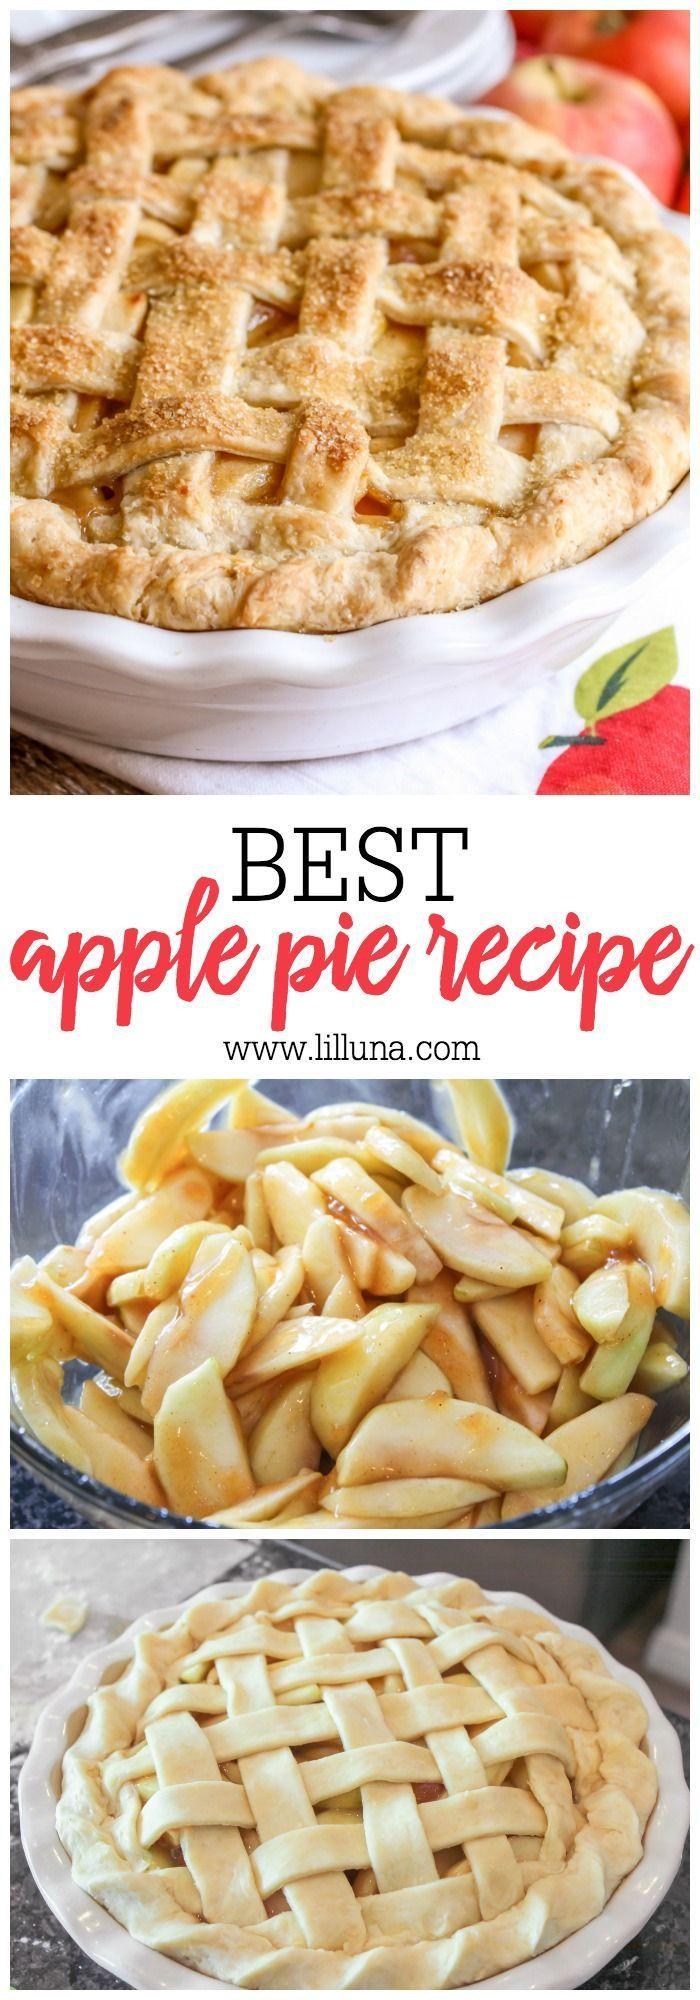 Bester Apfelkuchen   - Pie&Tarte&Quiche&Clafoutis - #Apfelkuchen #Bester #PieTarteQuicheClafoutis #homemadesweets